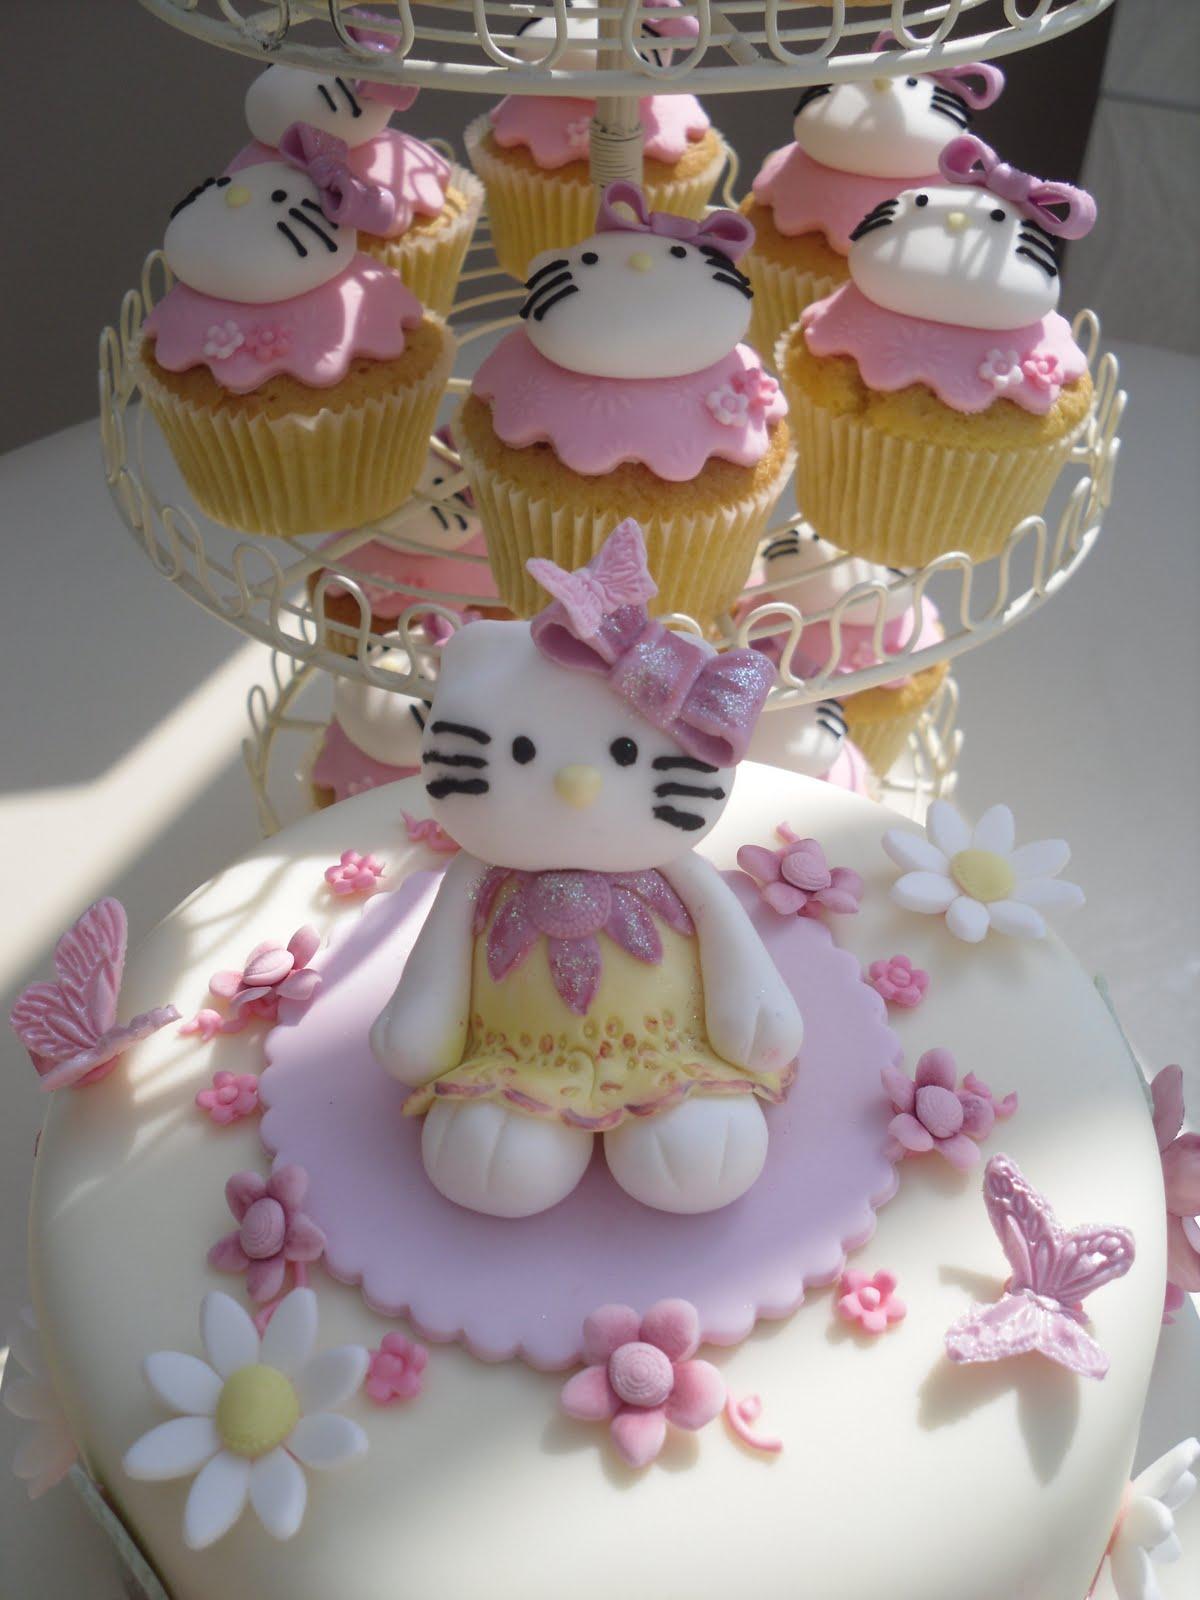 Sams Club Cupcake Cake Ideas and